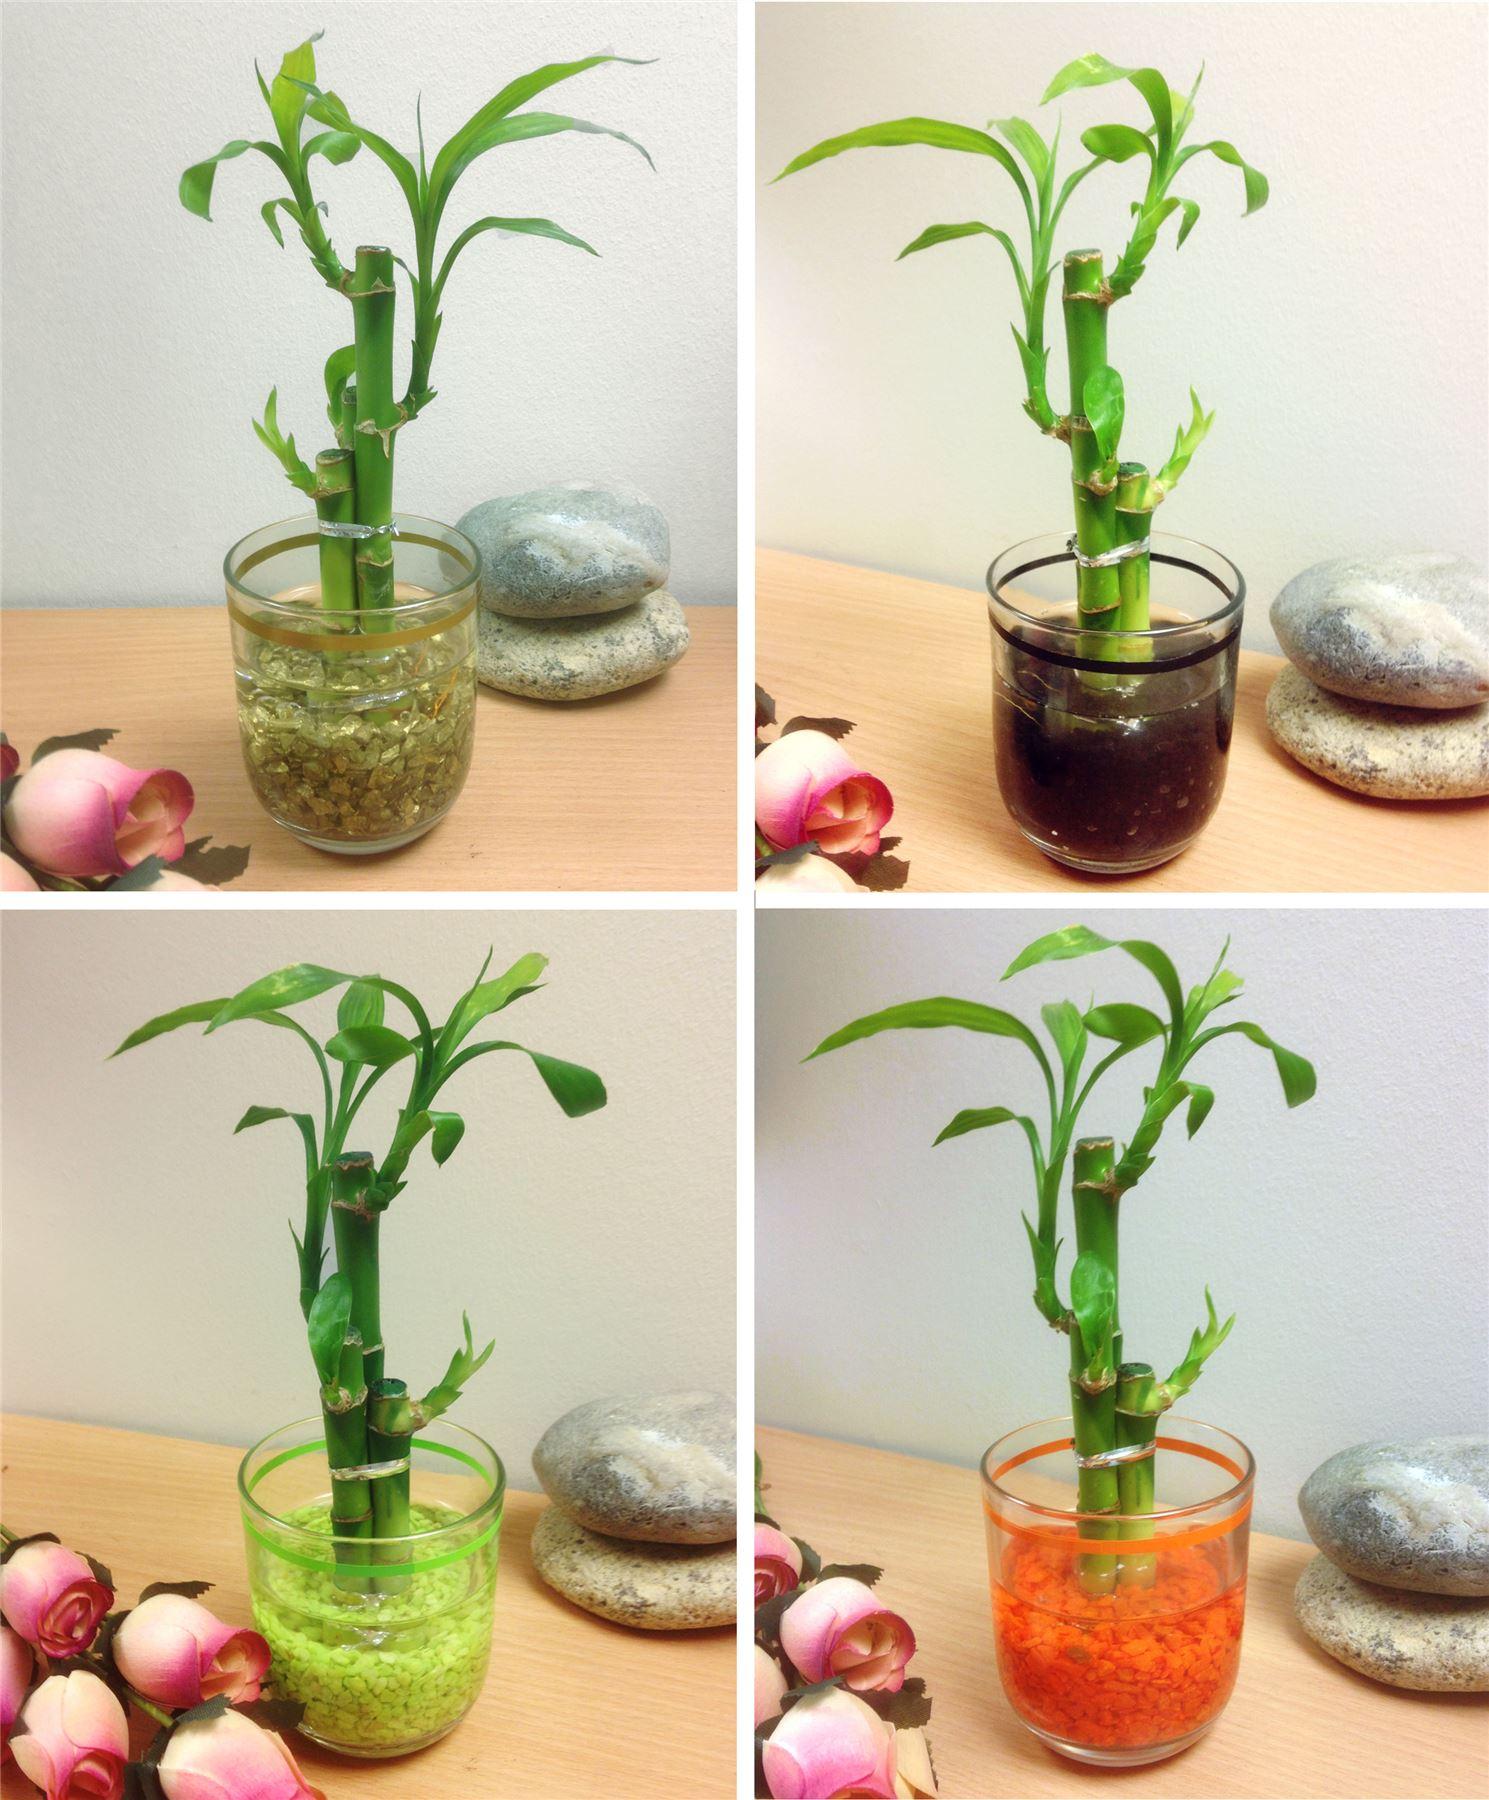 Objet Feng Shui 1 pot de bambou porte-bonheur en verre coloré vase house plant feng